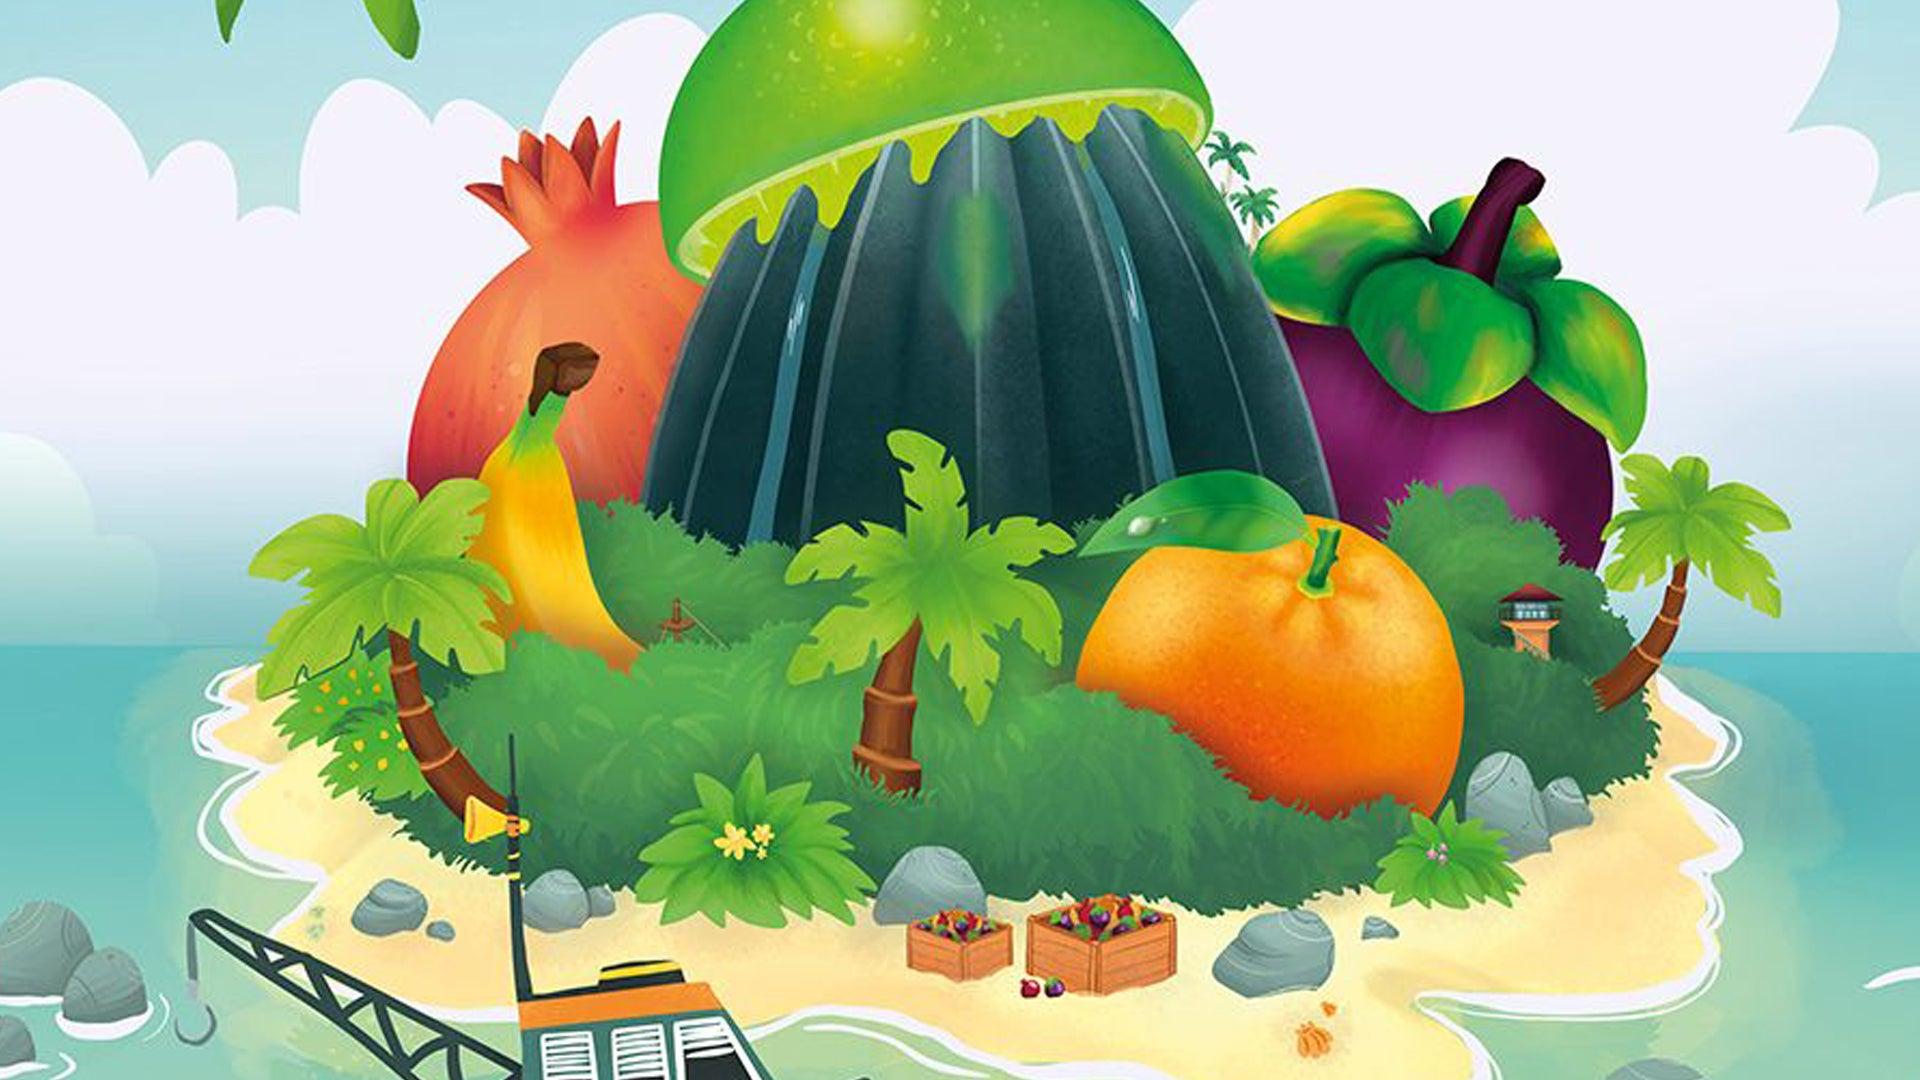 Juicy Fruits artwork